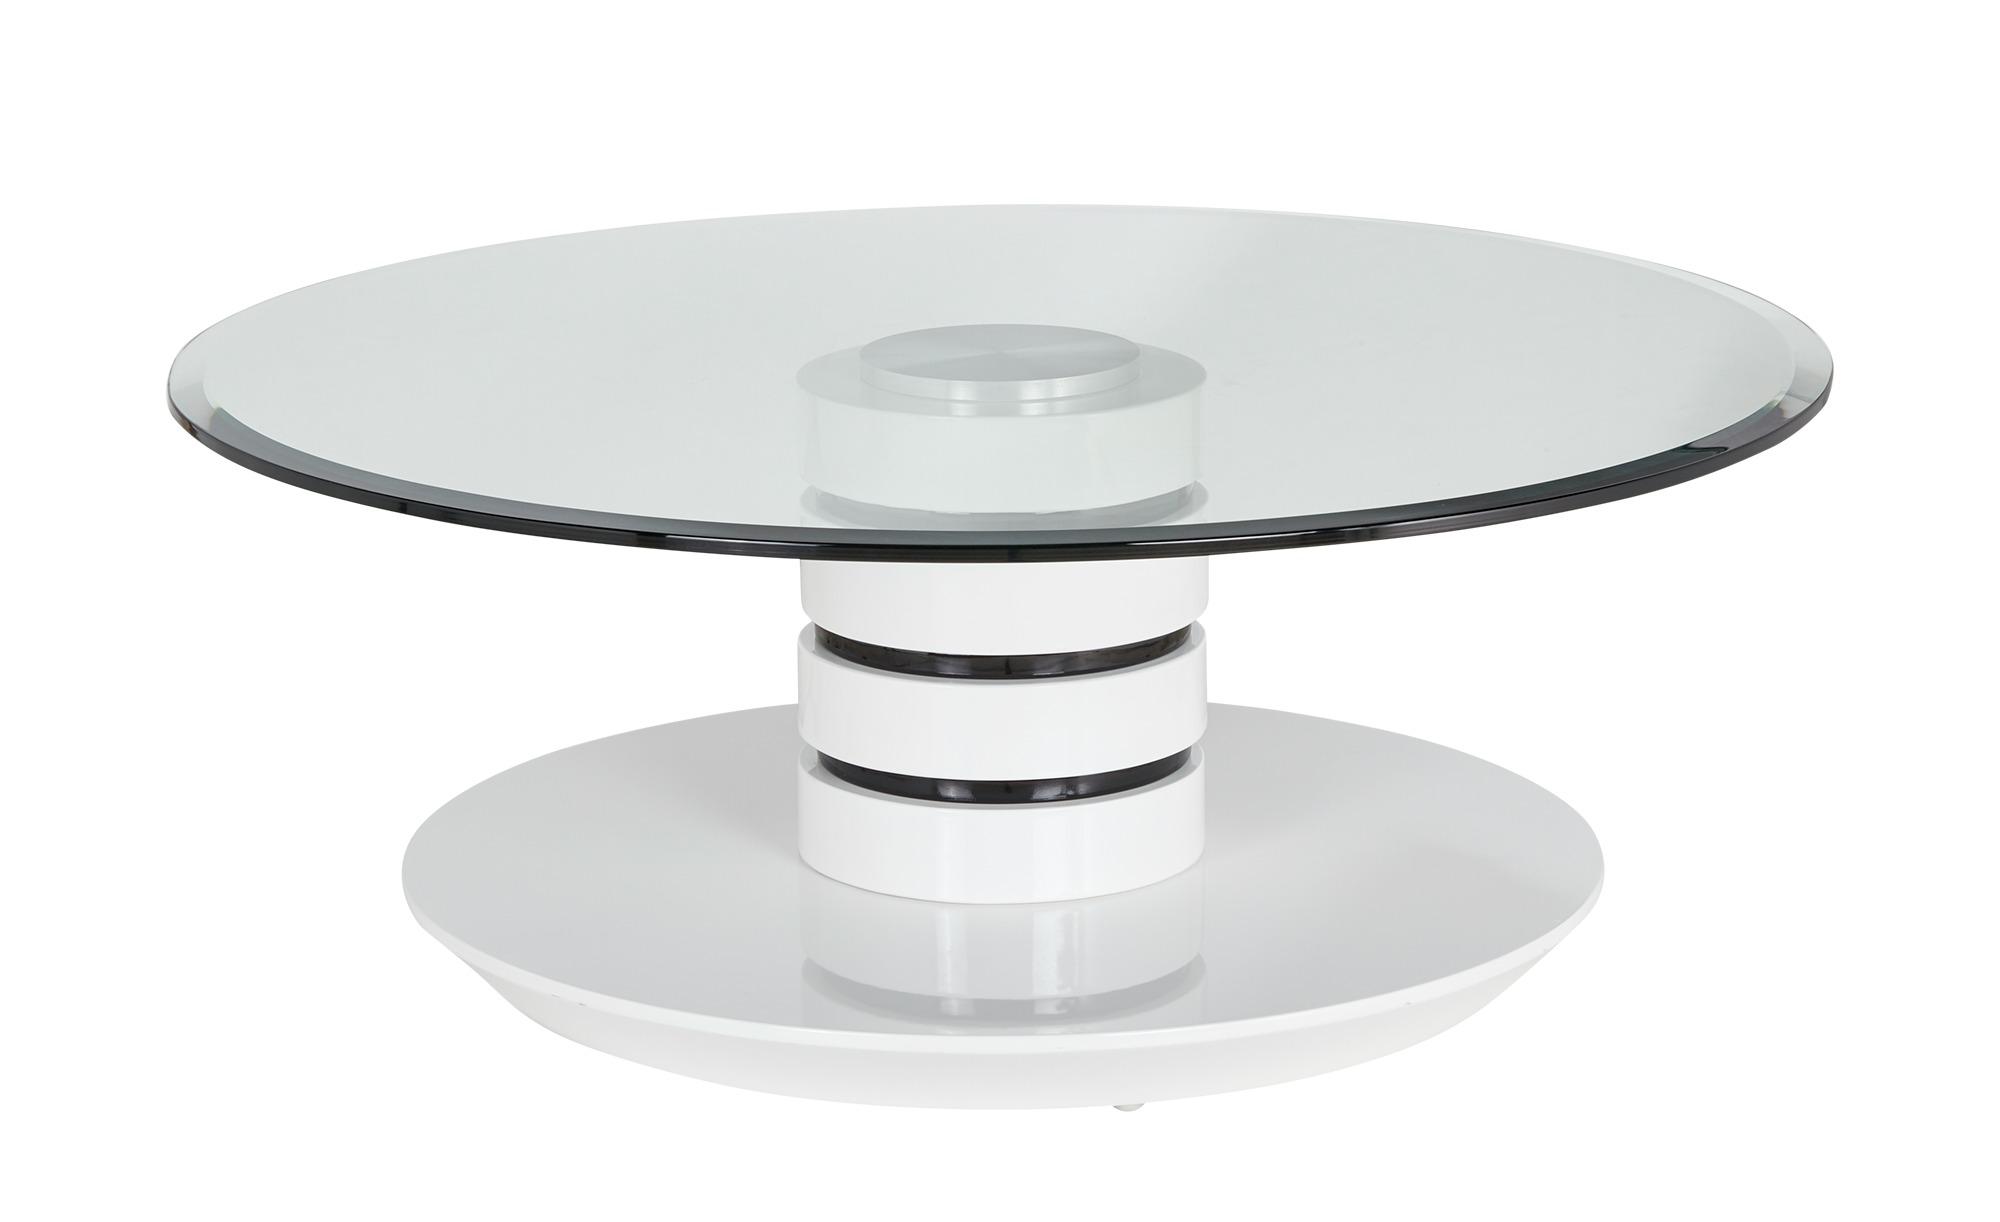 Couchtisch   Jesse ¦ mehrfarbig ¦ Maße (cm): H: 39 Ø: [100.0] Tische > Couchtische > Couchtische andere Formen - Höffner